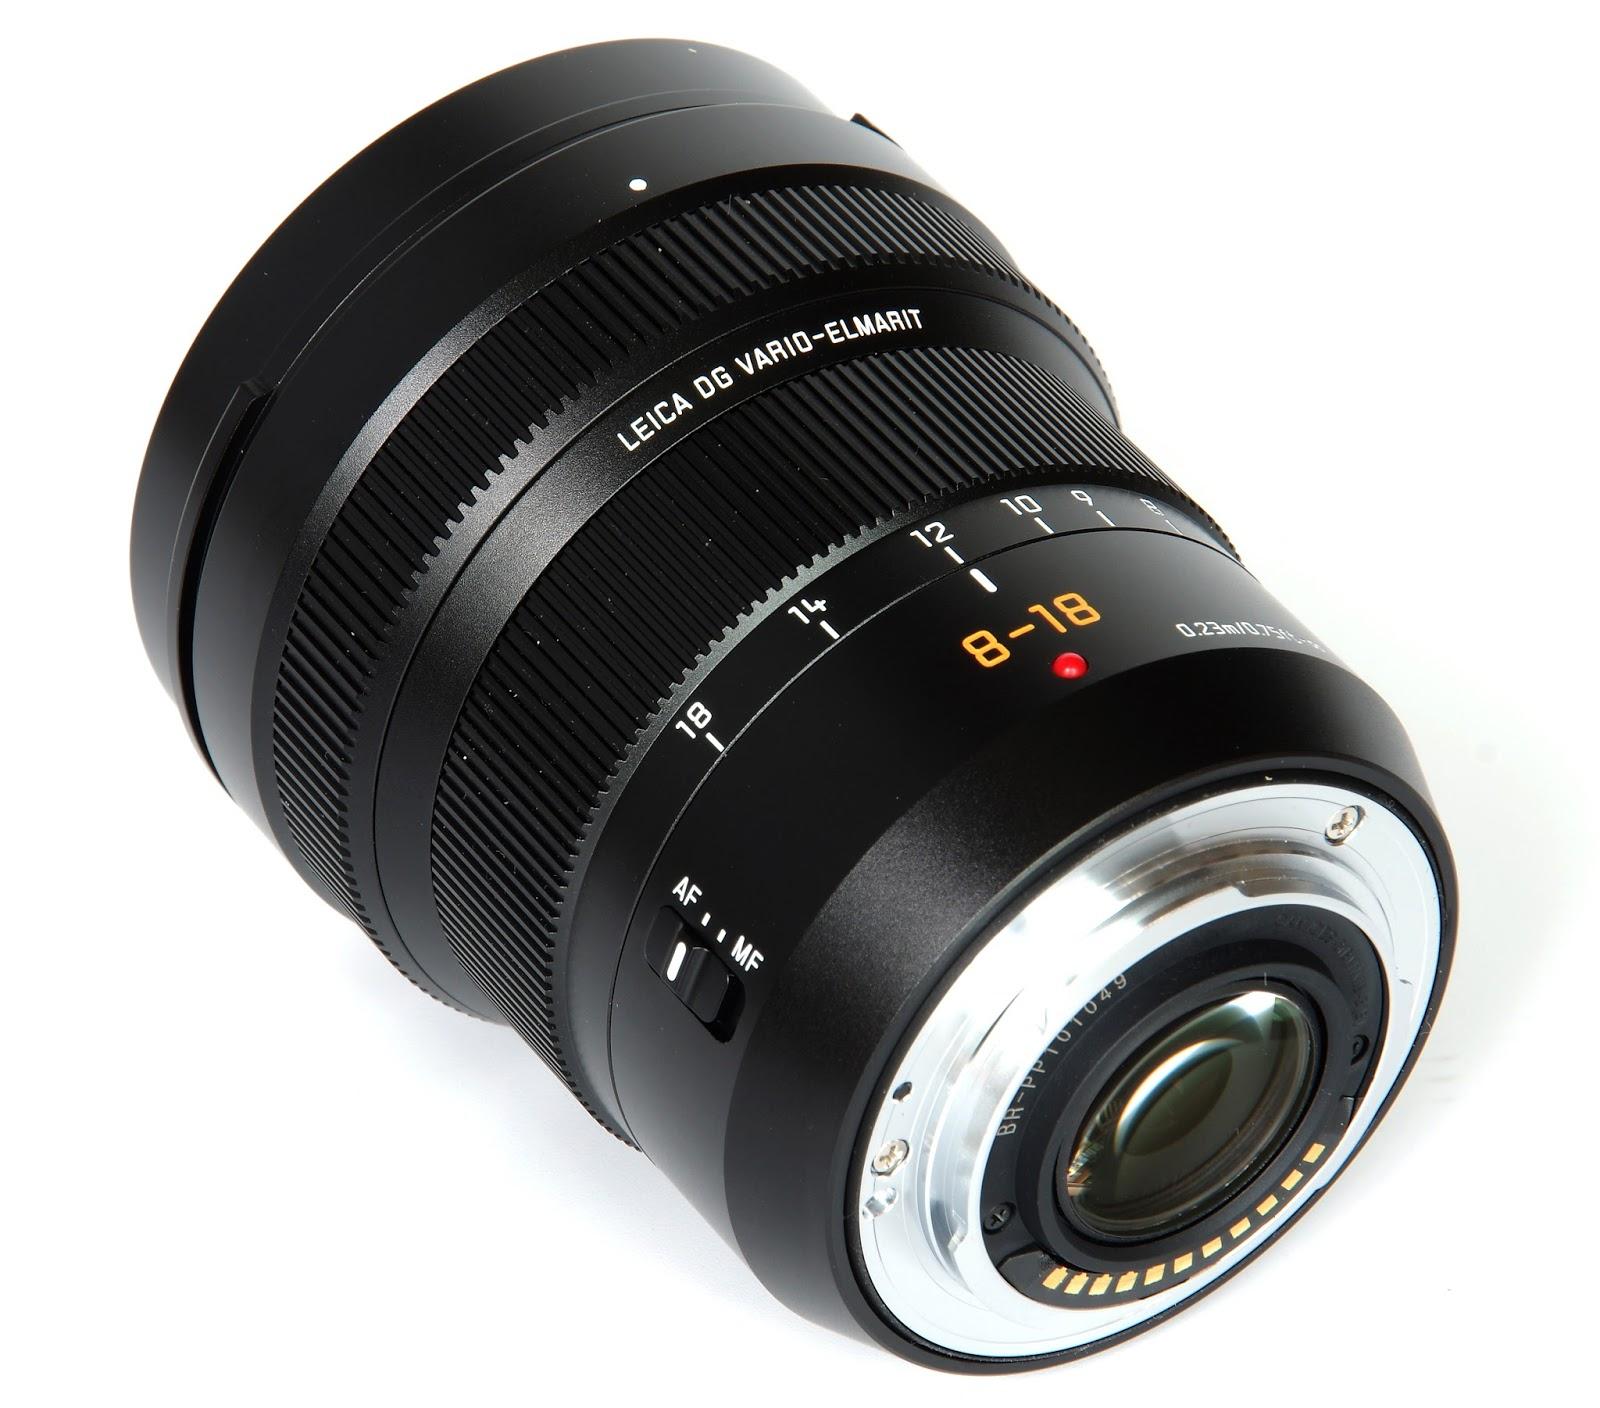 Panasonic Leica DG Vario-Elmarit 8-18mm f/2.8-4 Asph. вид сзади